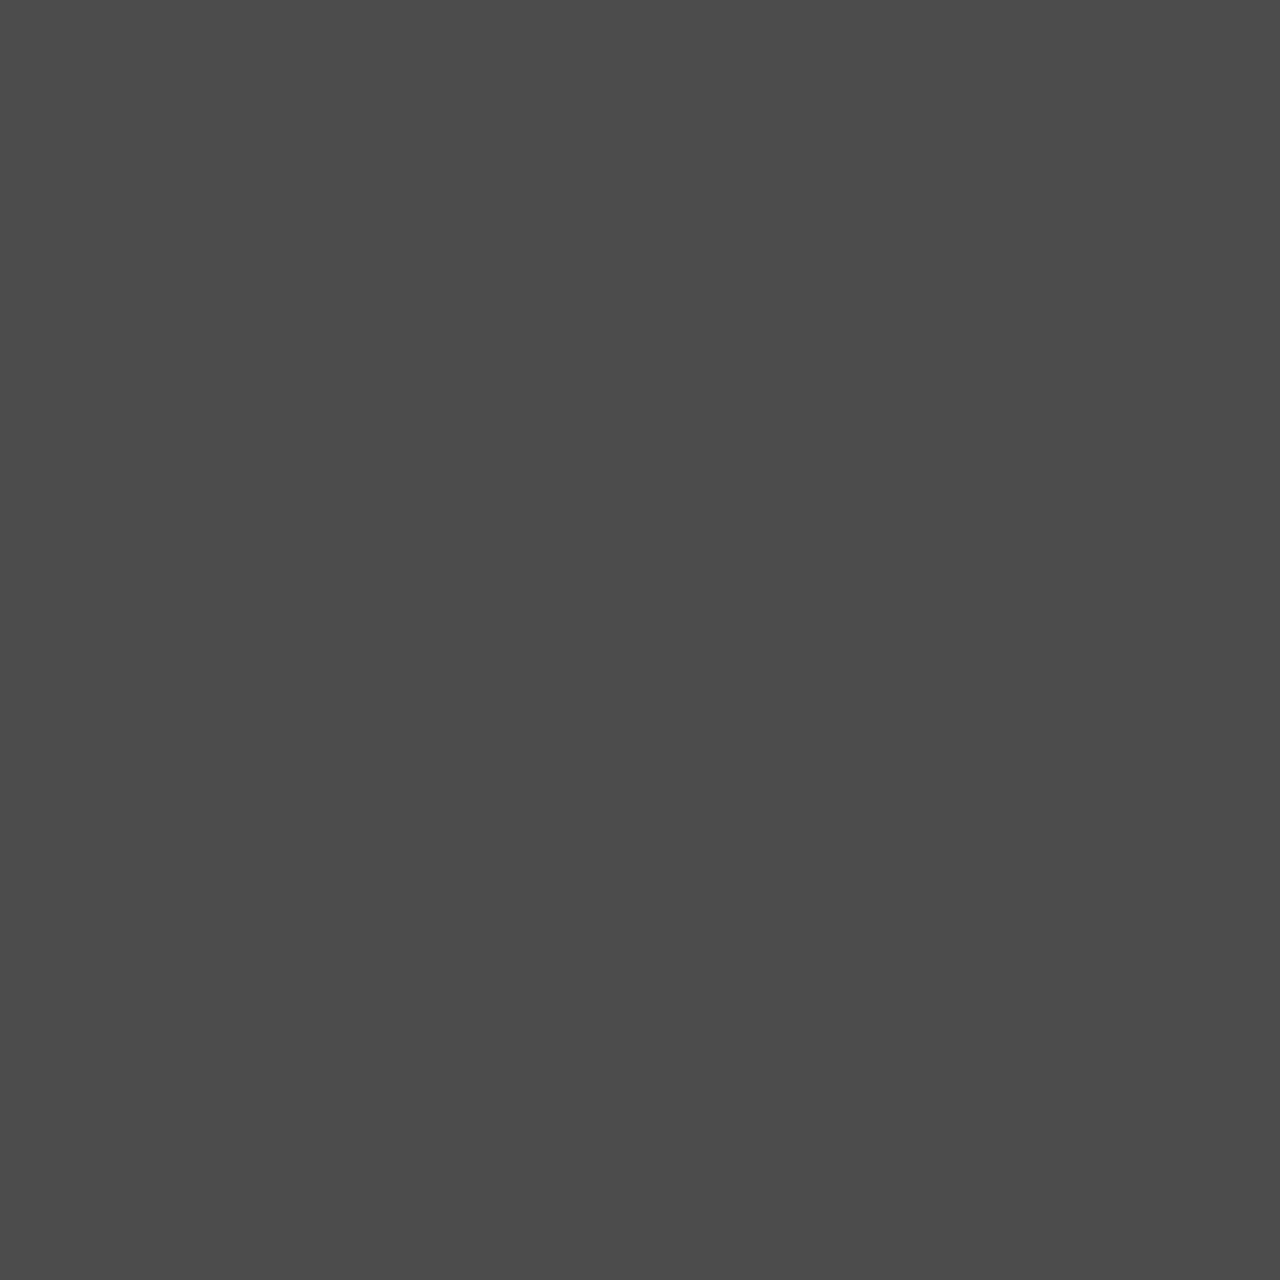 Алюкобонд 318 темно-серый 8812 ARABOND